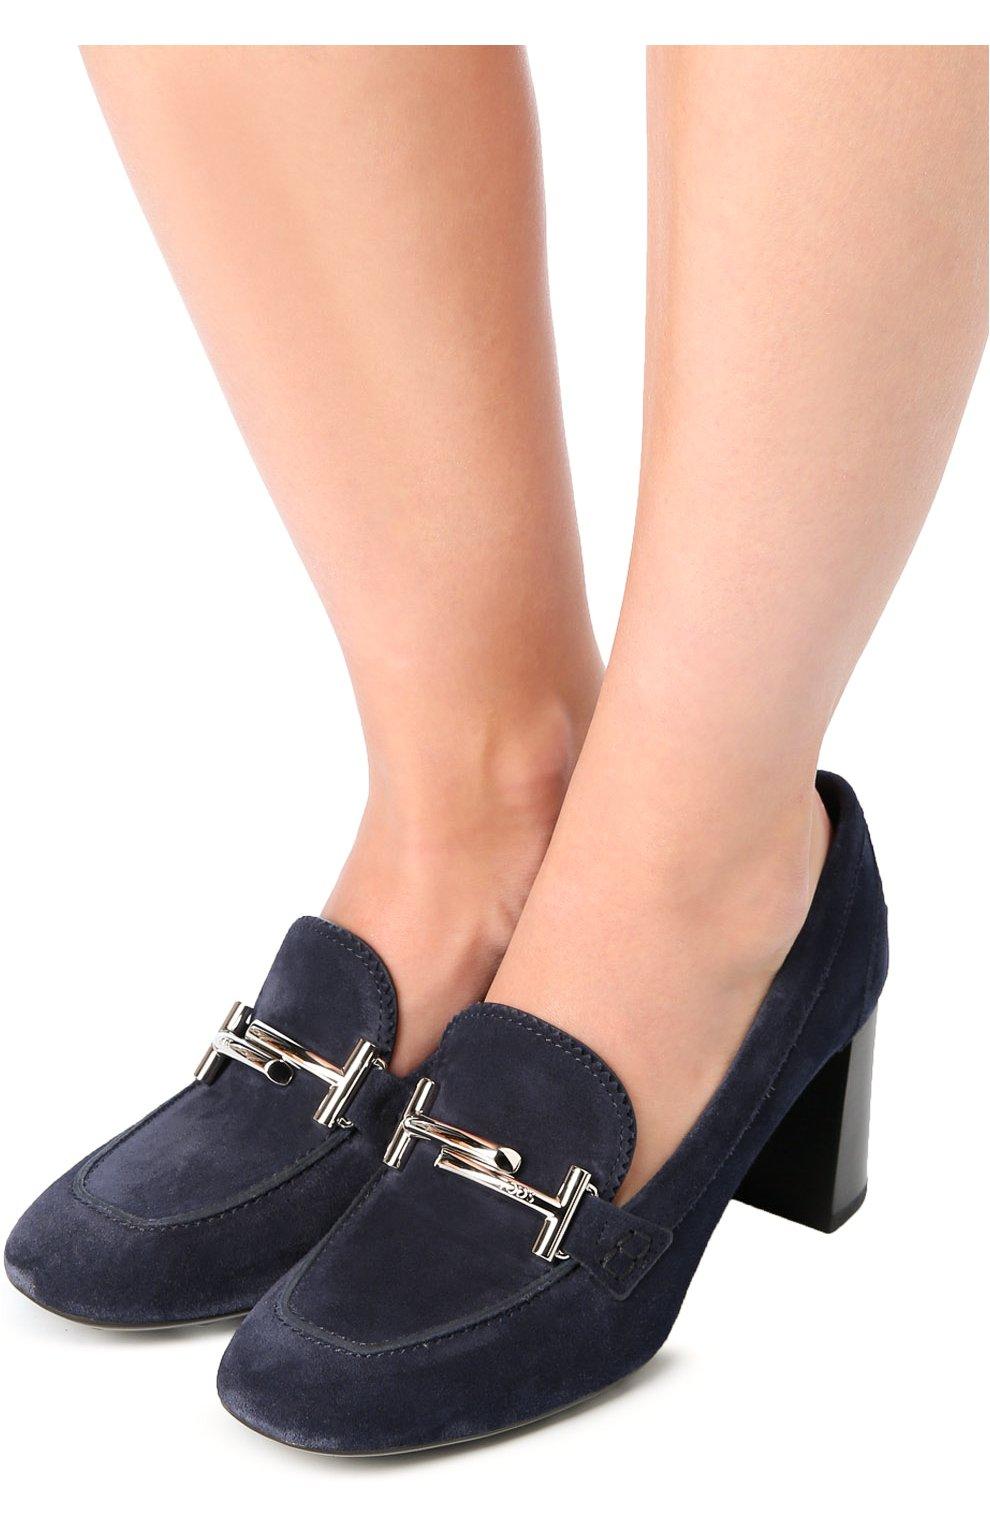 Замшевые туфли Gomma с пряжкой | Фото №2